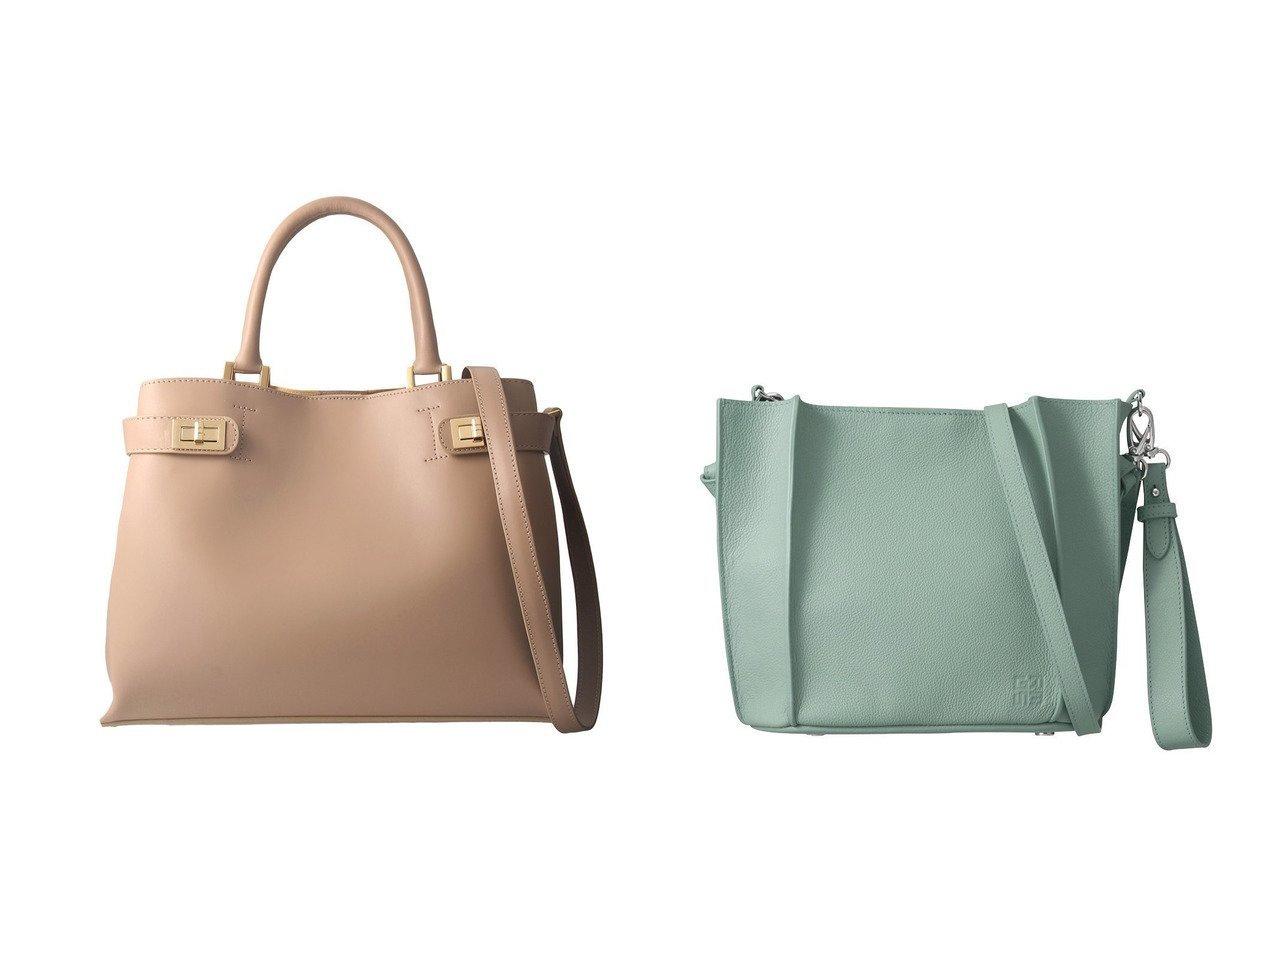 【heliopole/エリオポール】の【GRES】アリシア2 2WAYミニバッグ&【MILOS】ダブルビットバッグ バッグ・鞄のおすすめ!人気トレンド・レディースファッションの通販 おすすめで人気のファッション通販商品 インテリア・家具・キッズファッション・メンズファッション・レディースファッション・服の通販 founy(ファニー) https://founy.com/ ファッション Fashion レディース WOMEN バッグ Bag イタリア ダブル ハンドバッグ クラッチ ショルダー シンプル ジャージー ドレス フォルム ラップ 定番 |ID:crp329100000007002